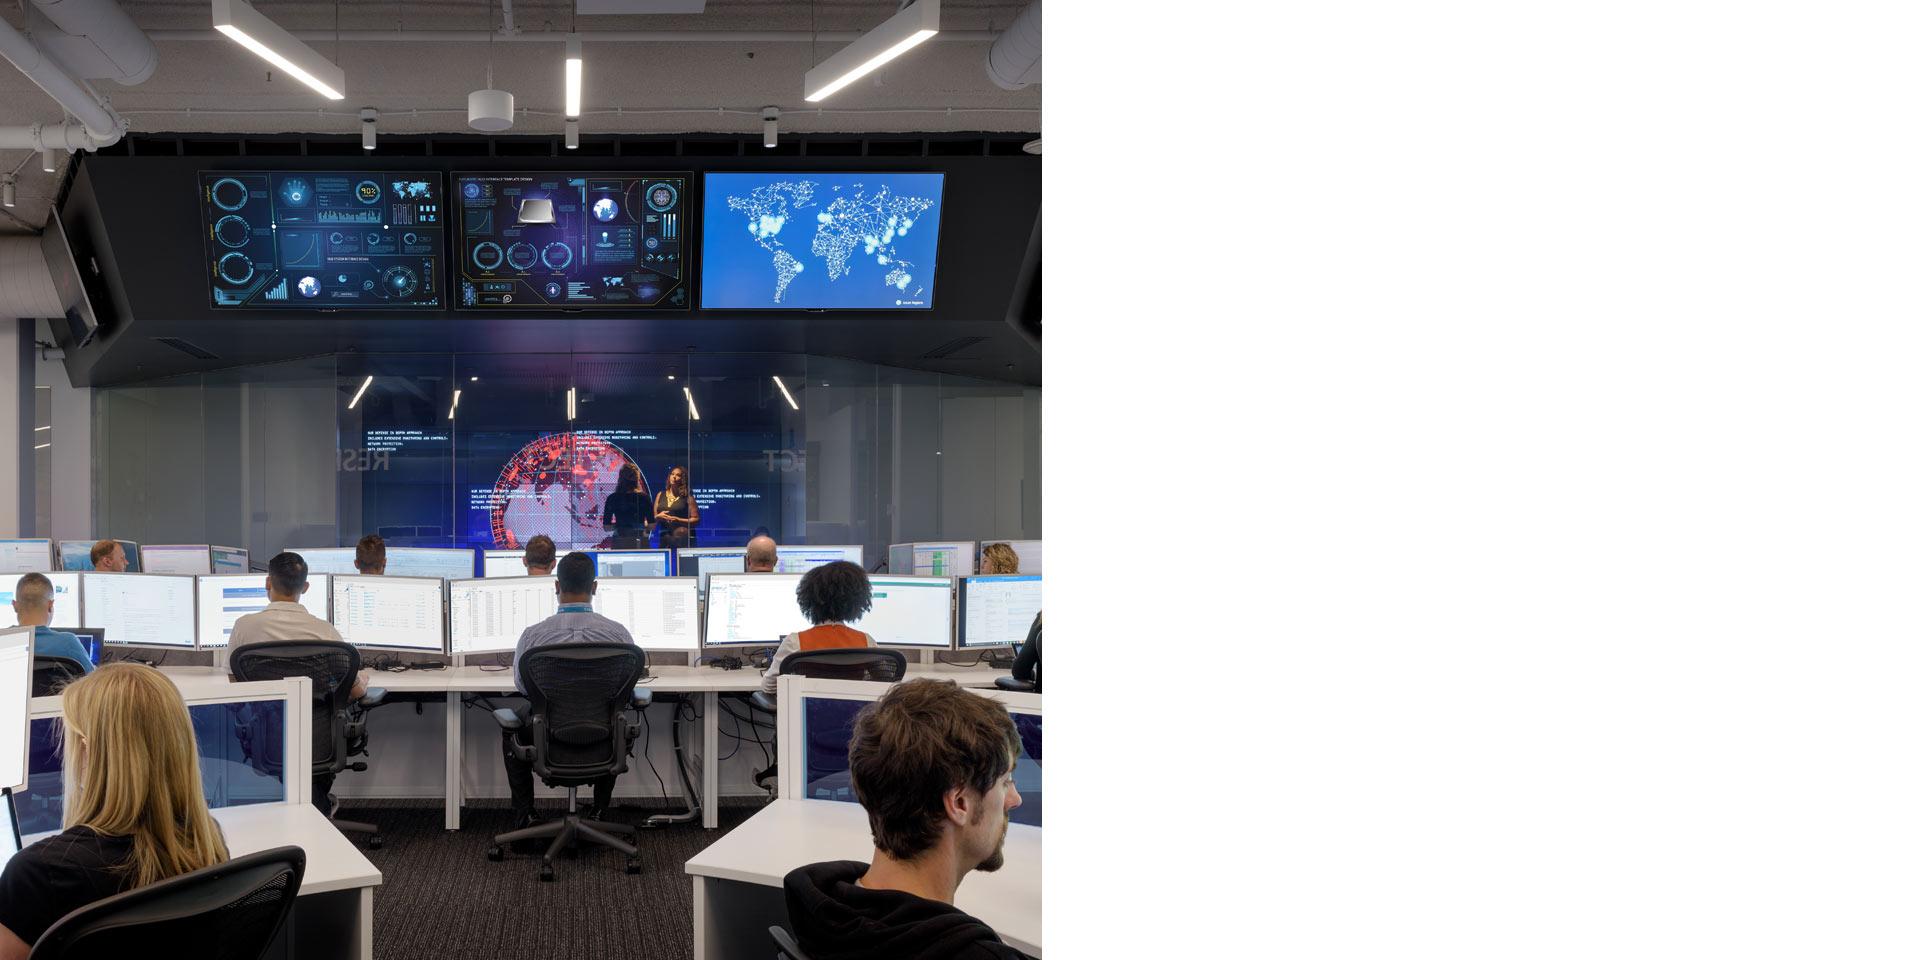 Espace de bureau avec de grands écrans au-dessus